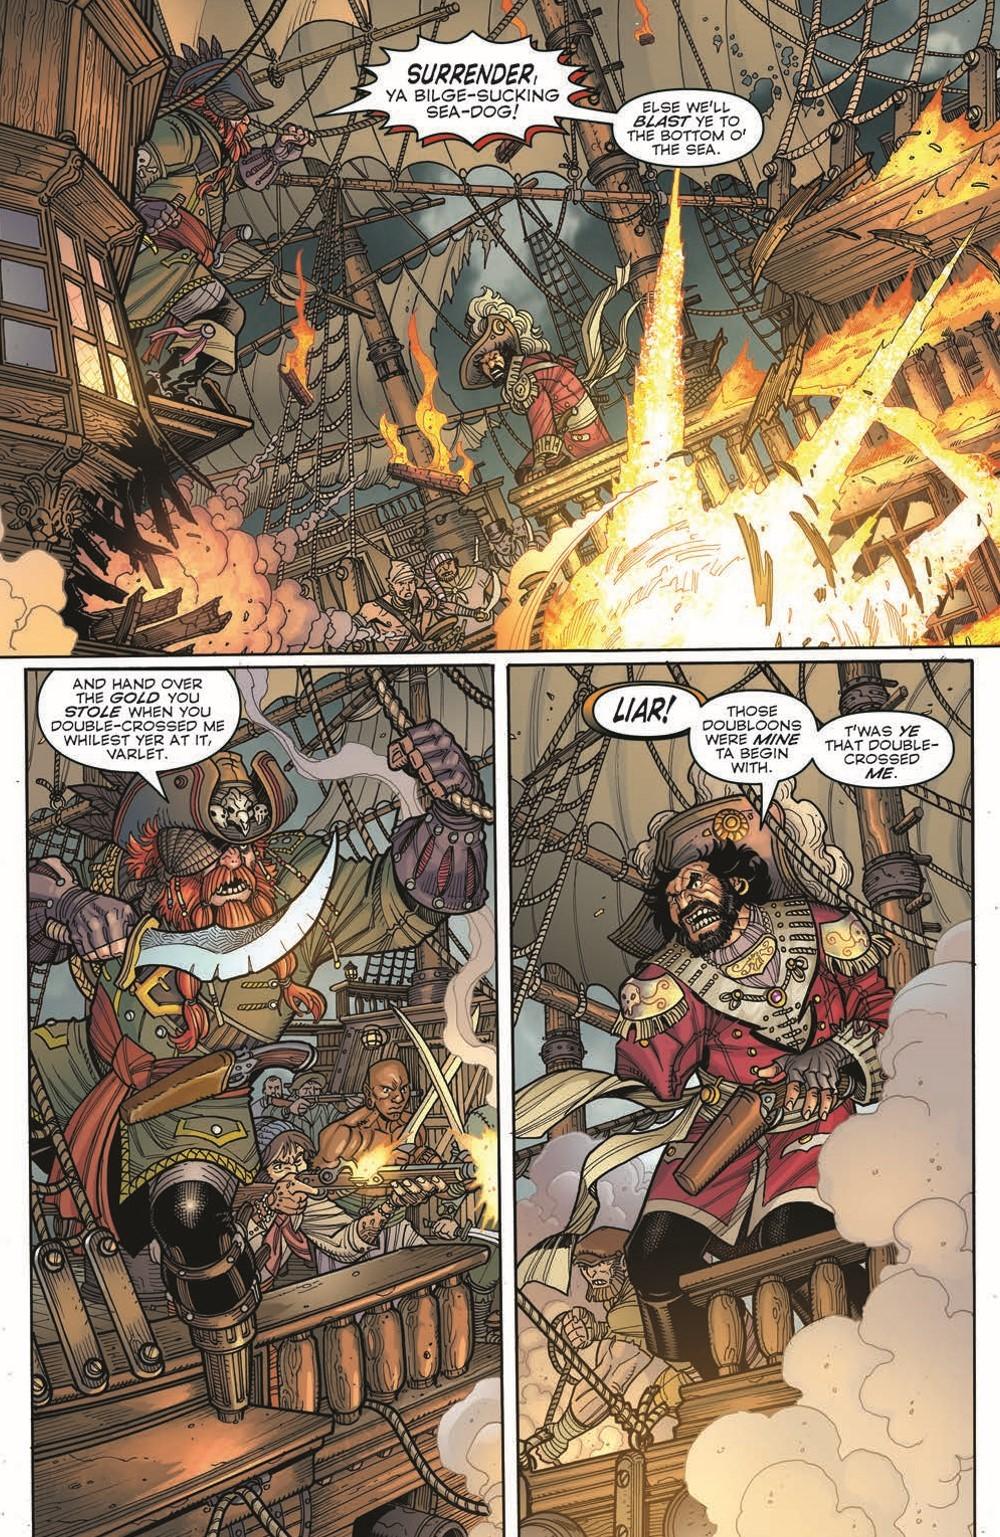 BERMUDA02_pr-4 ComicList Previews: BERMUDA #2 (OF 4)